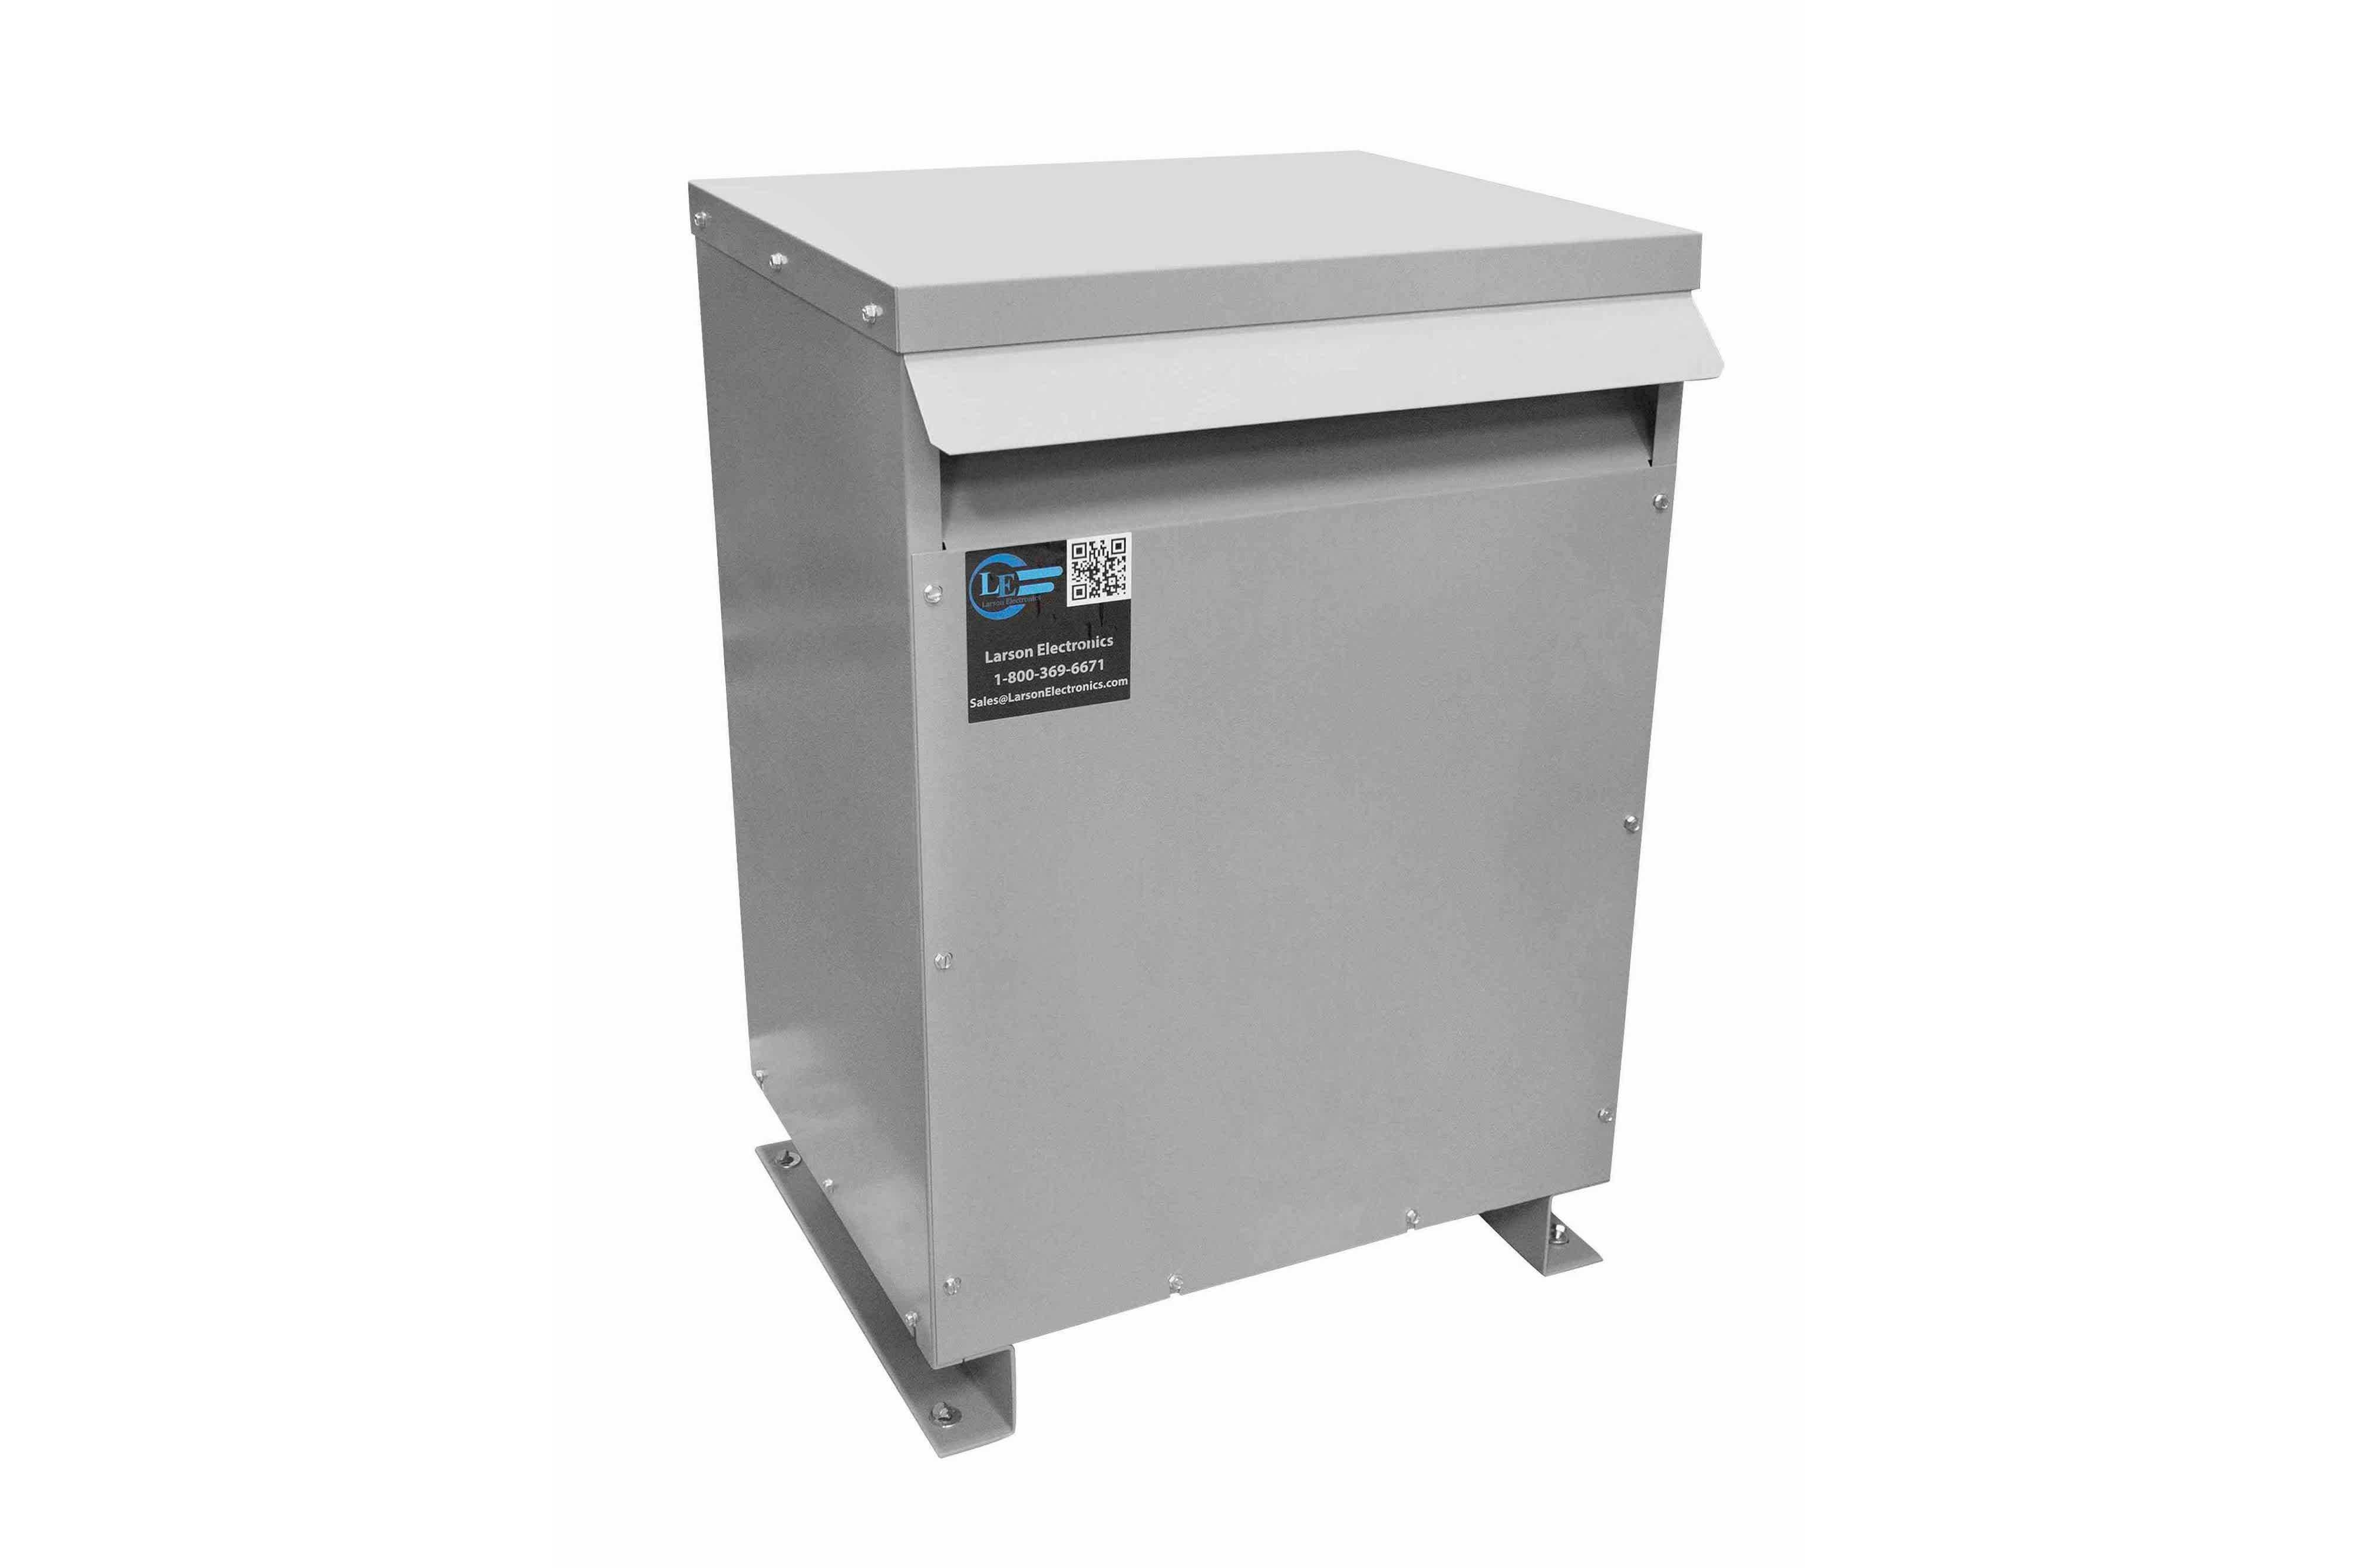 45 kVA 3PH Isolation Transformer, 208V Delta Primary, 415V Delta Secondary, N3R, Ventilated, 60 Hz